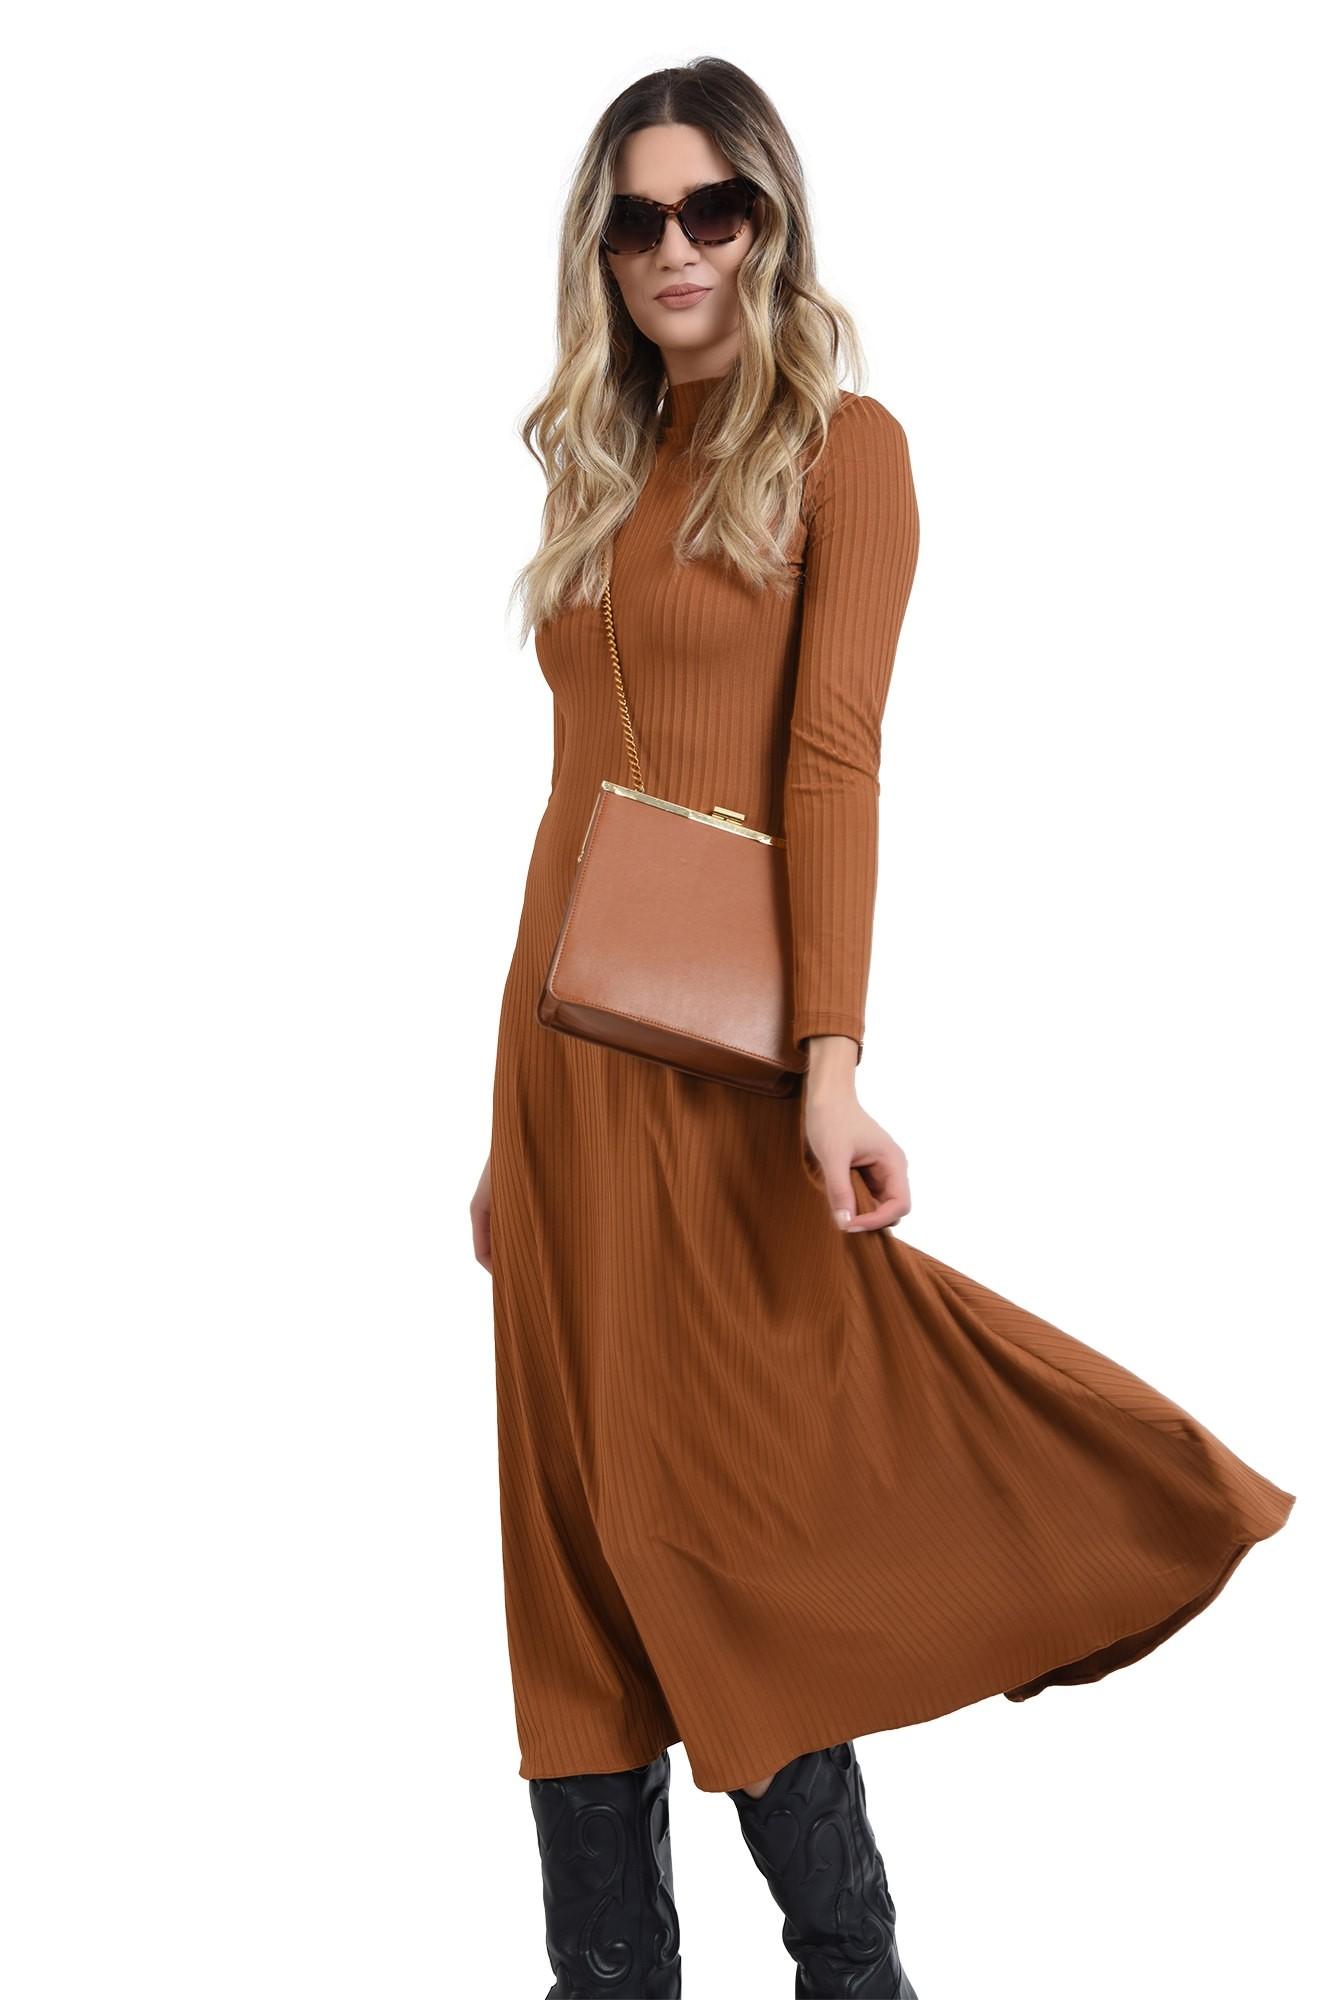 3 - rochie camel, evazata, cu maneca lunga